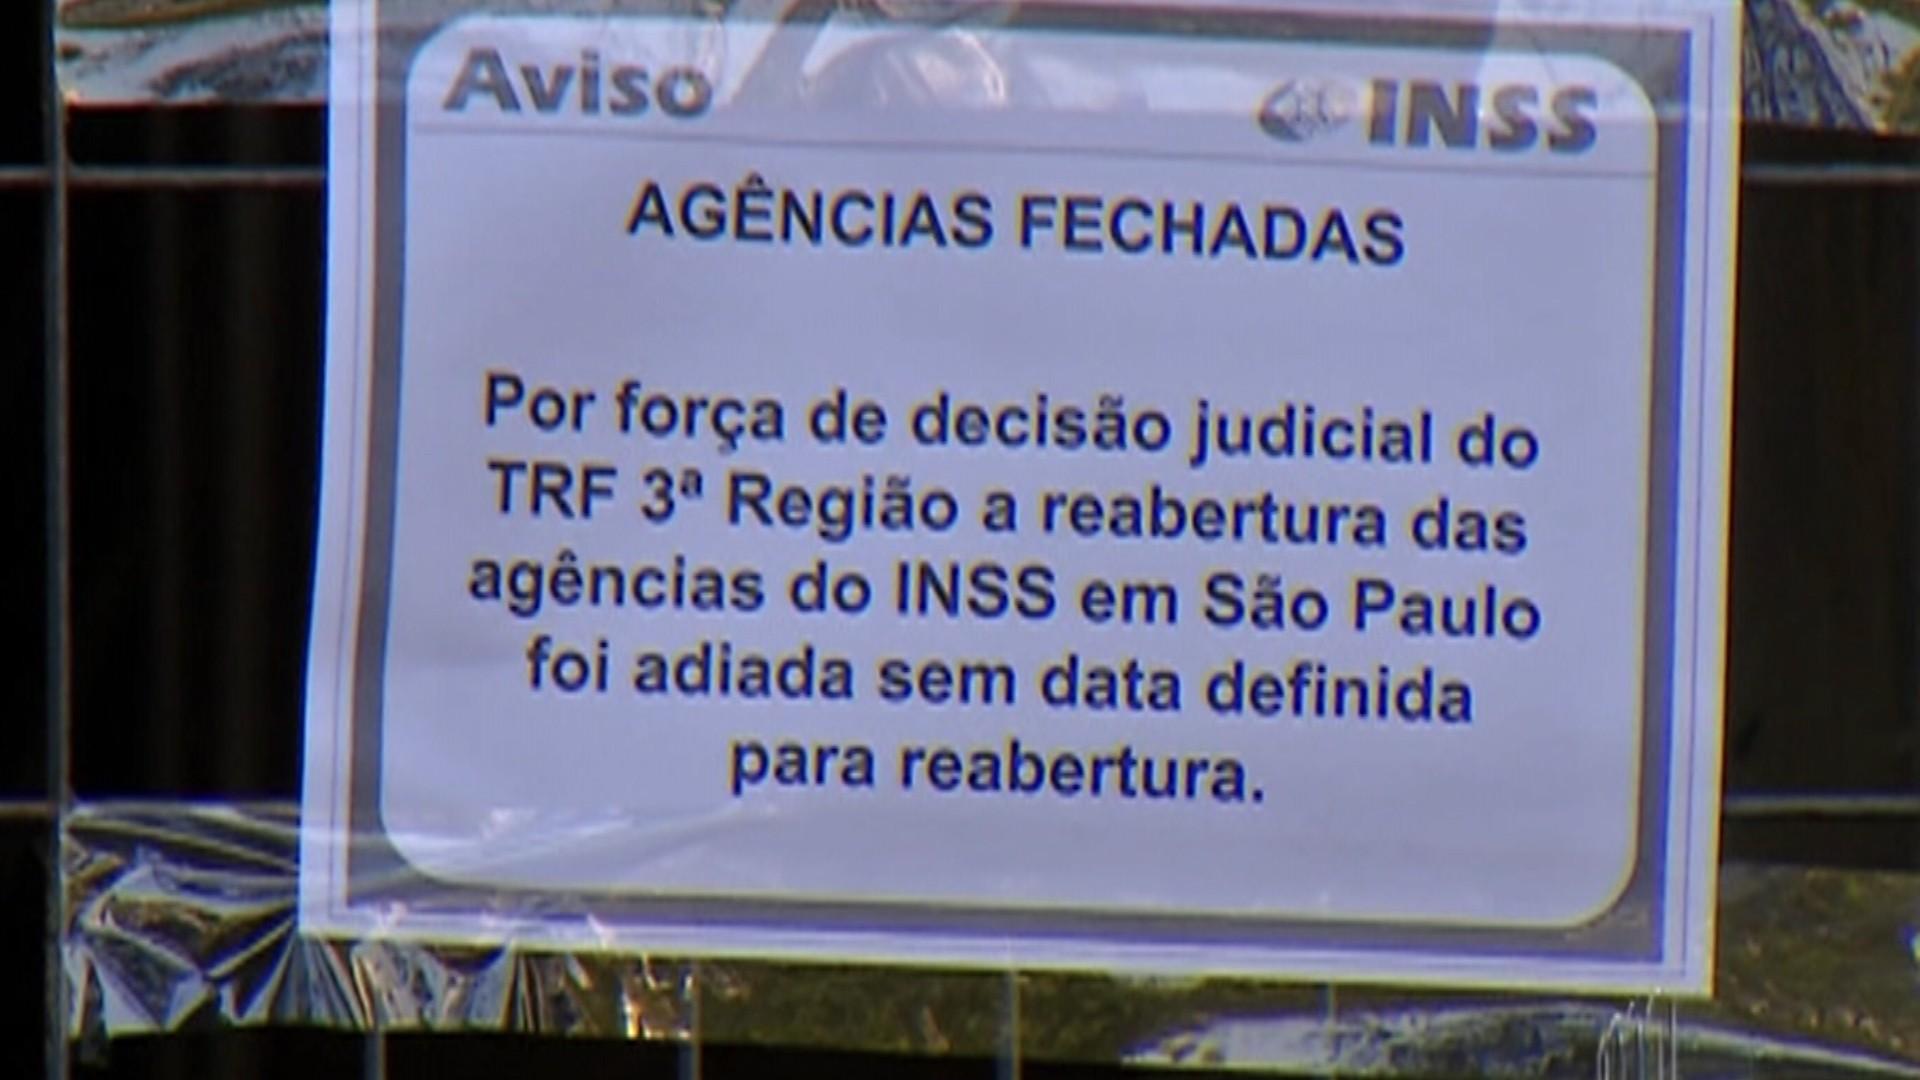 Reabertura de agência do INSS é adiada e gera revolta entre beneficiários do Alto Tietê: 'Isso é uma tortura'